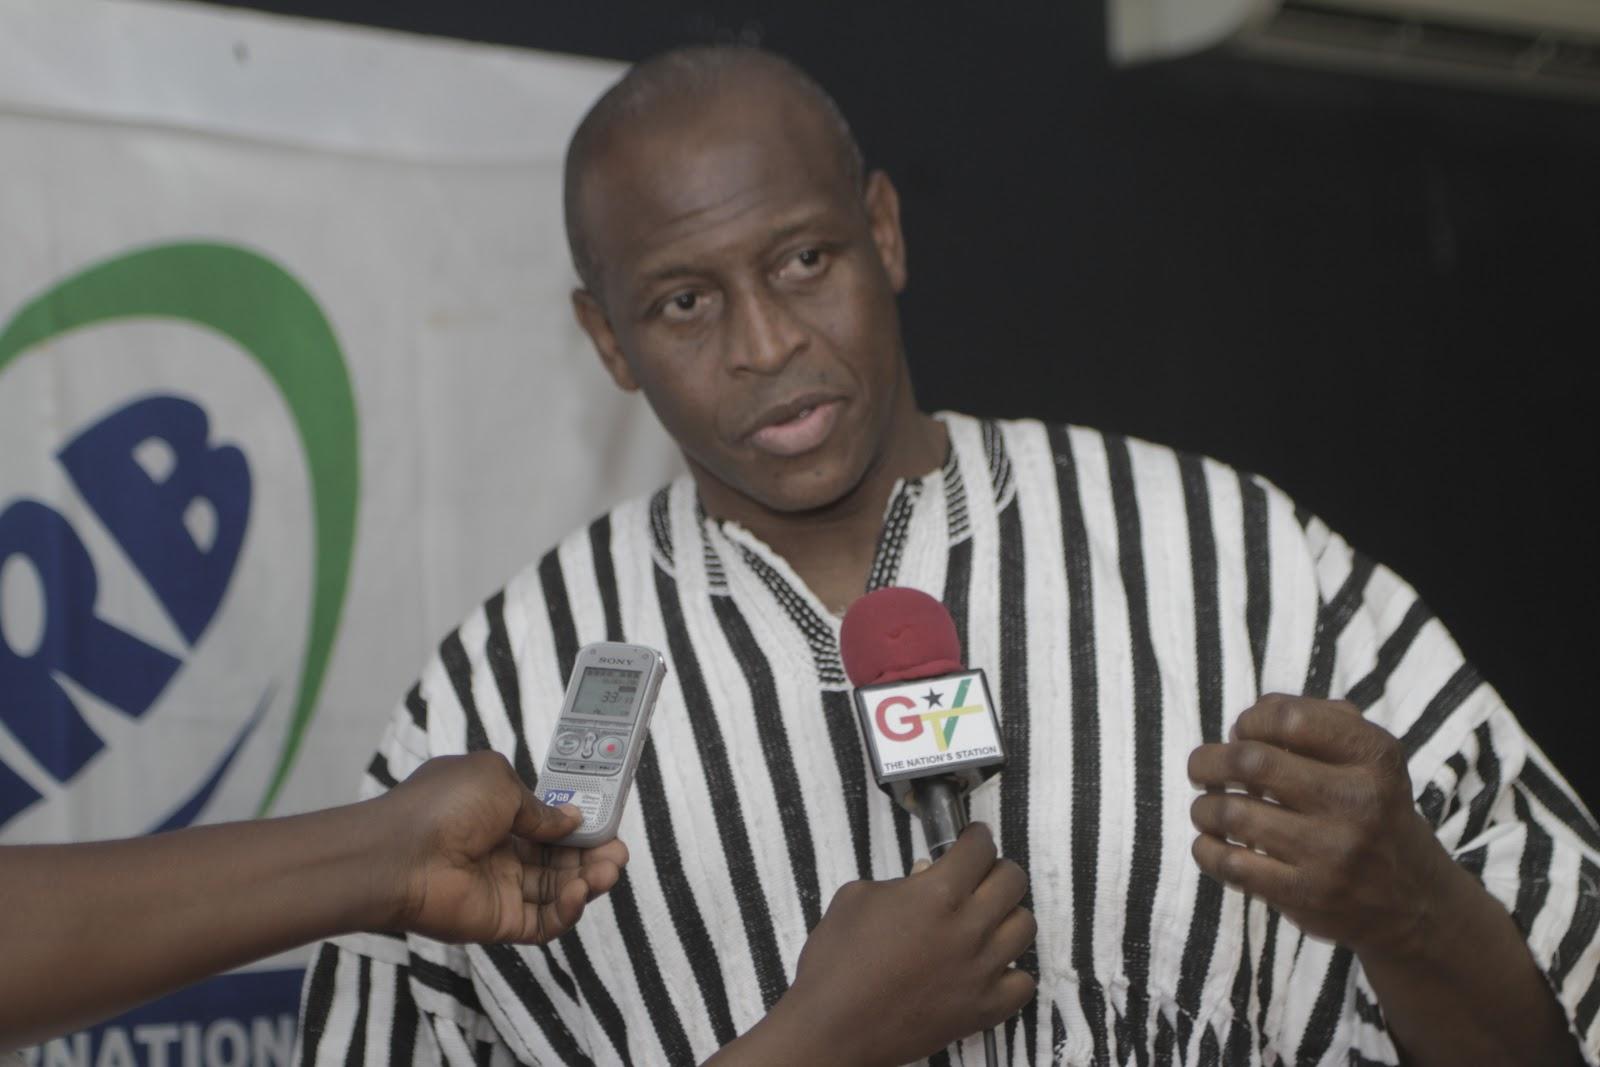 The-President-of-GRFU-Mr.-Herbert-Mensah-being-interviewed-by-GTV.jpg